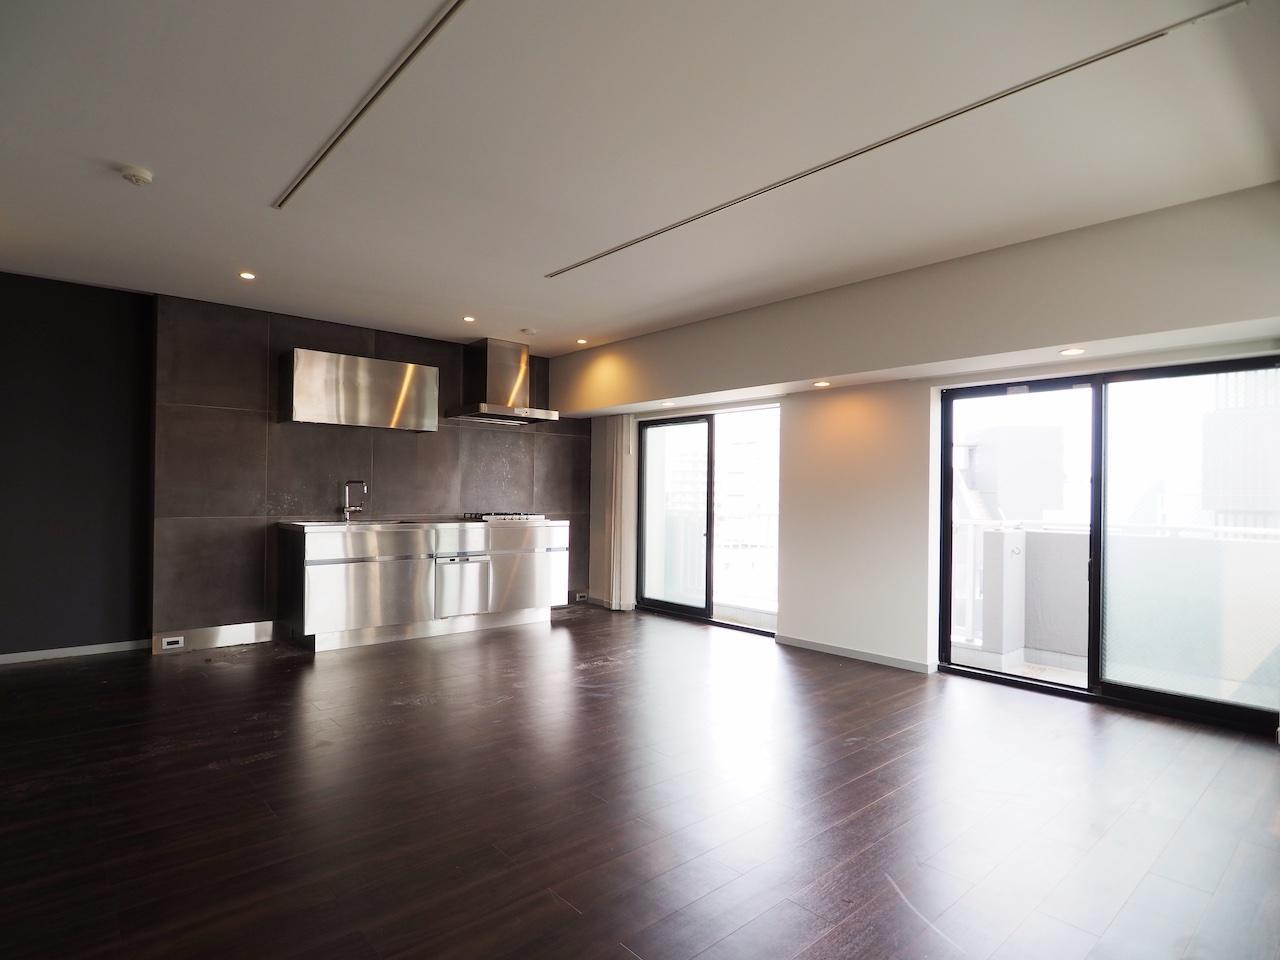 大人の嗜み空間 (福岡市中央区薬院の物件) - 福岡R不動産